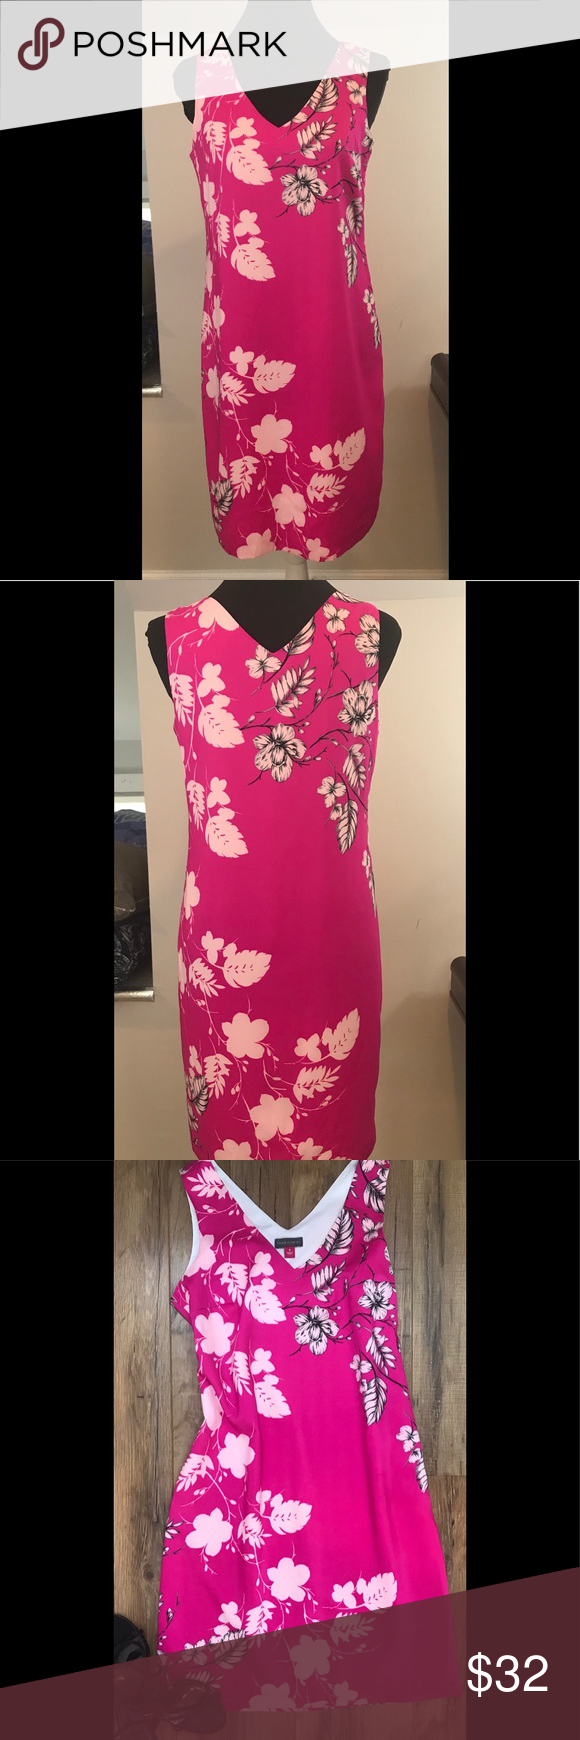 Vince Camuto Pink Floral V Neck Shift Dress Size 0 Dresses Vince Camuto Dress Shift Dress [ 1740 x 580 Pixel ]